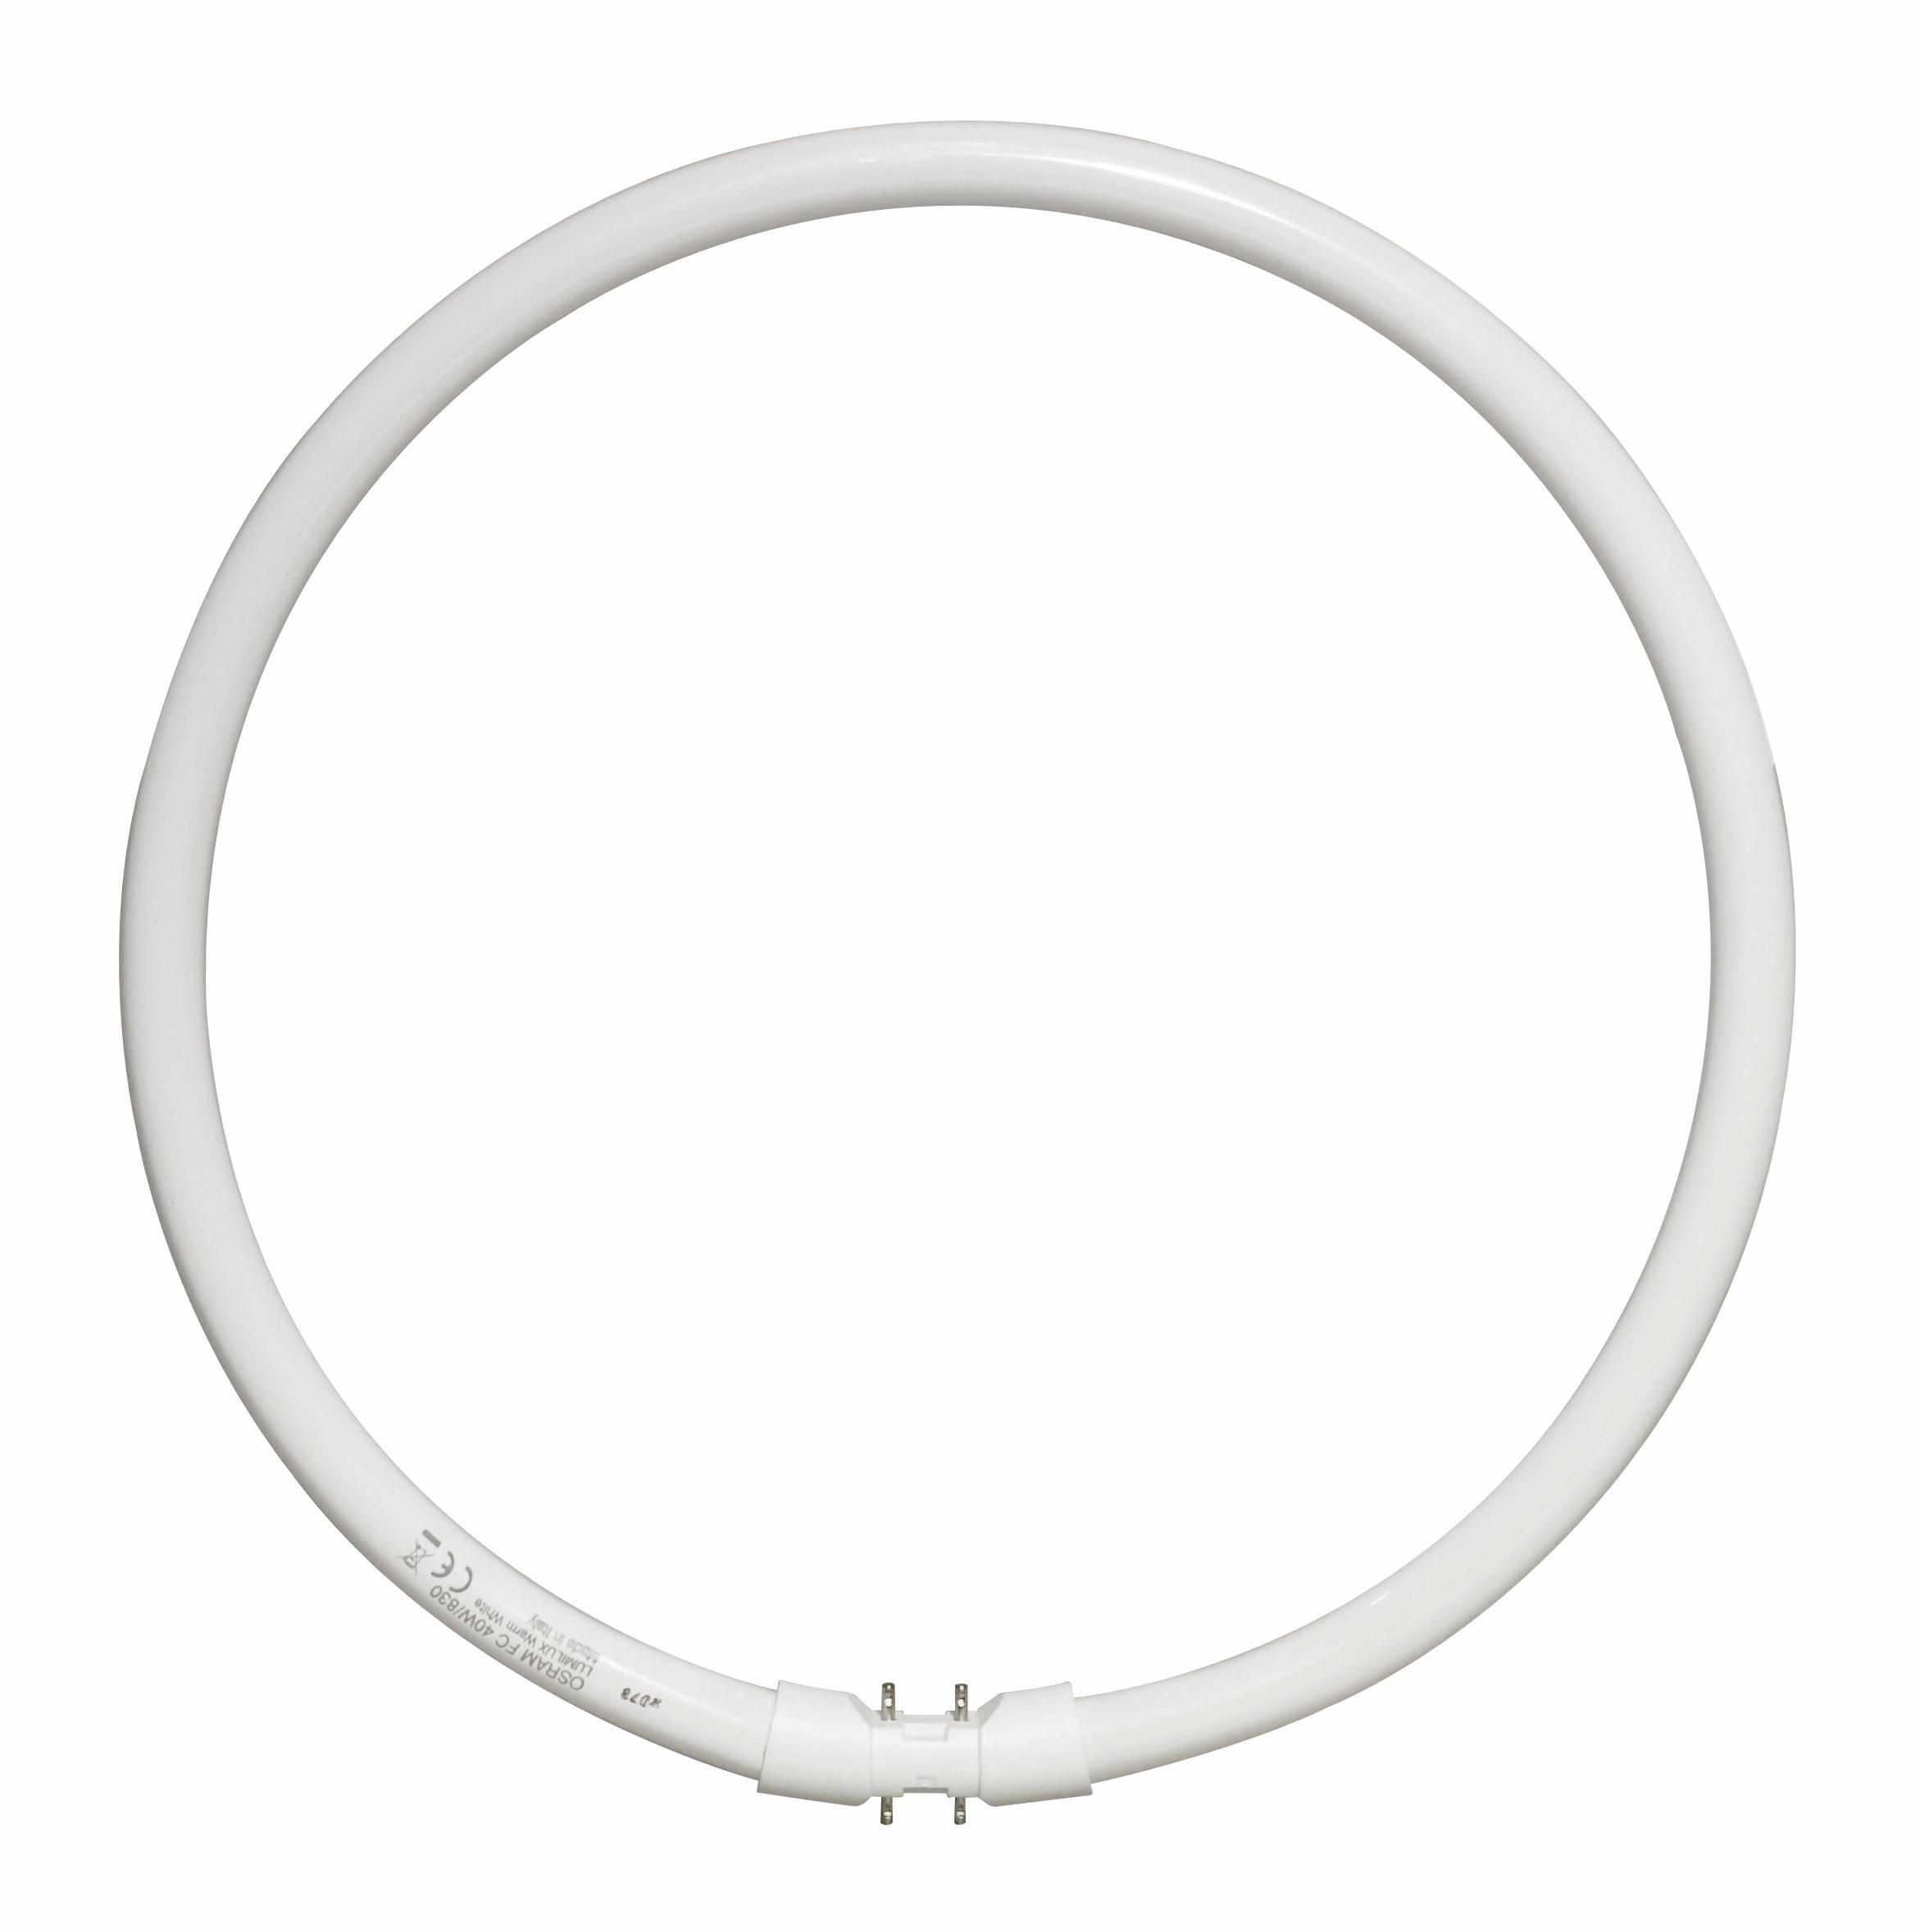 1 Stk T16-R 40W/827 2G13 Leuchtstofflampe kreisförmig LI5W646251